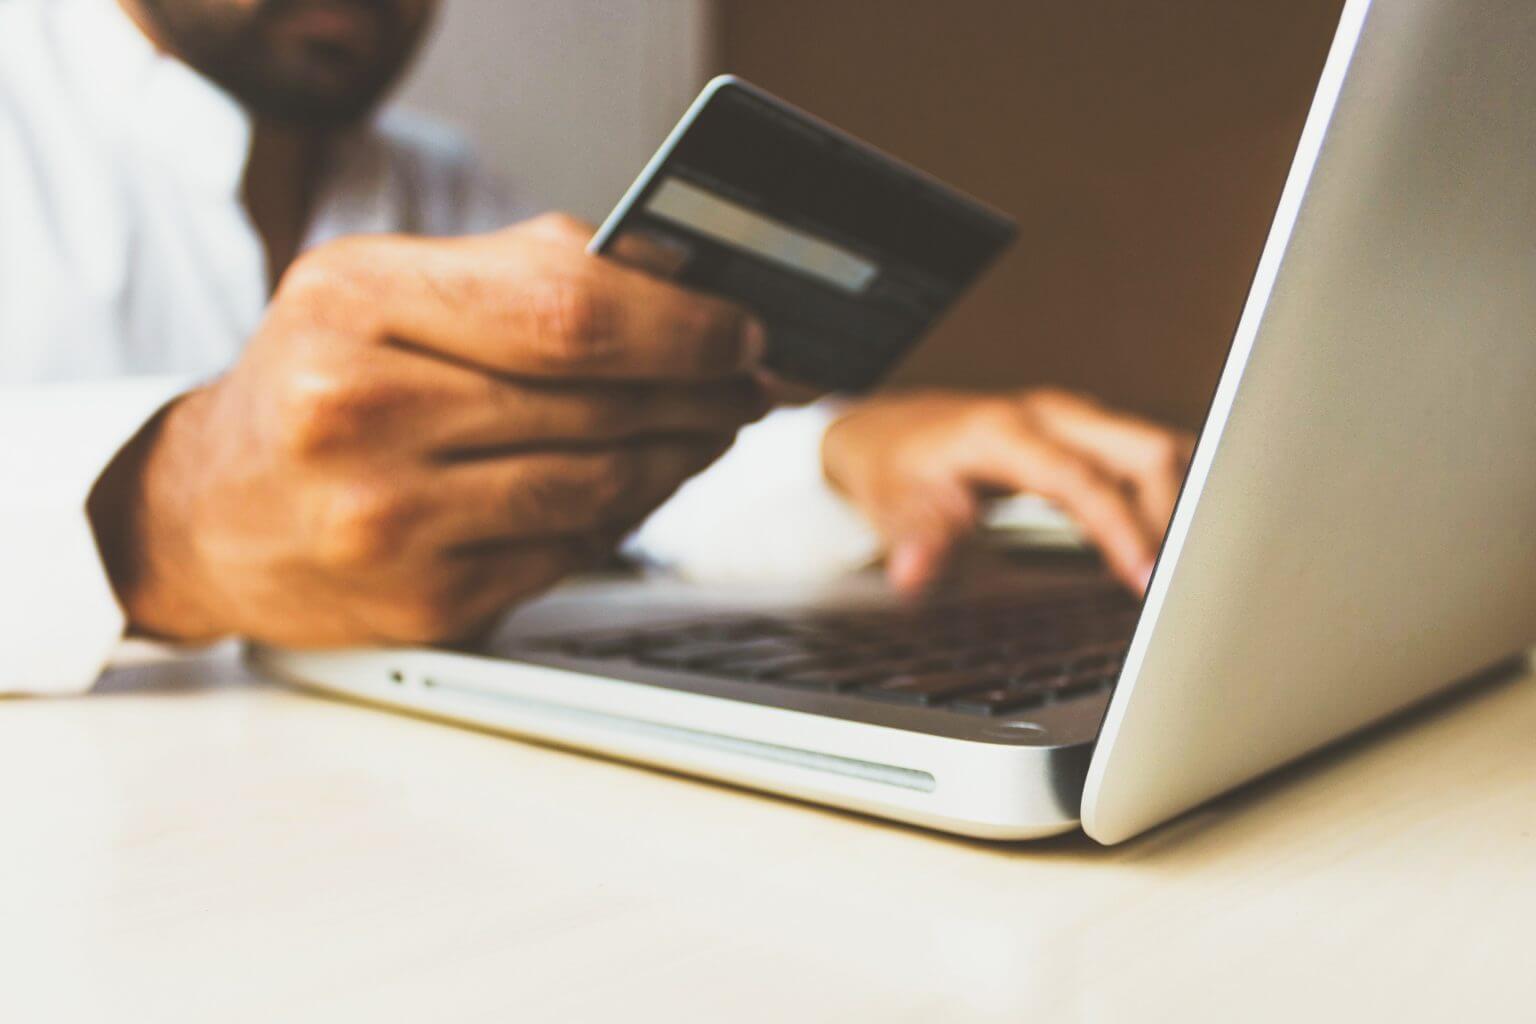 Man enter his credit card using laptop